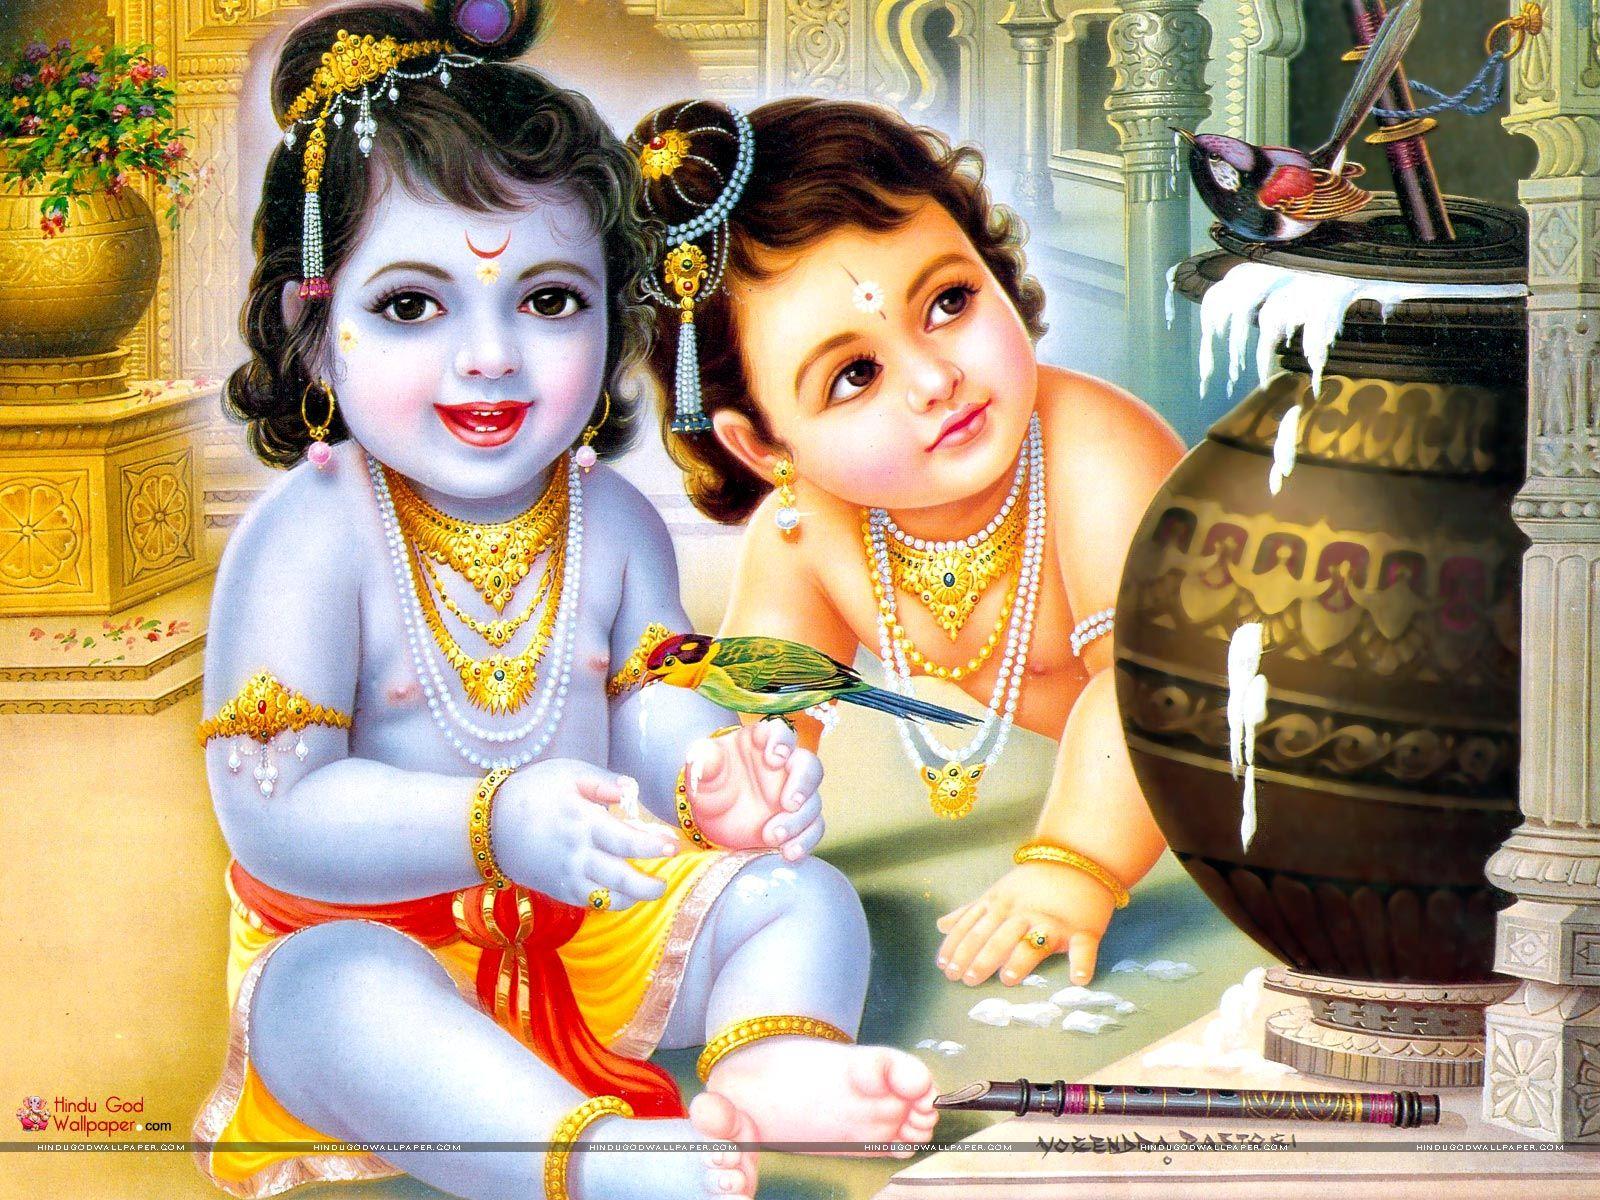 Sri krishna jayanti wallpaper - Sri Krishna Janmashtami Wallpaper Photo Galleries